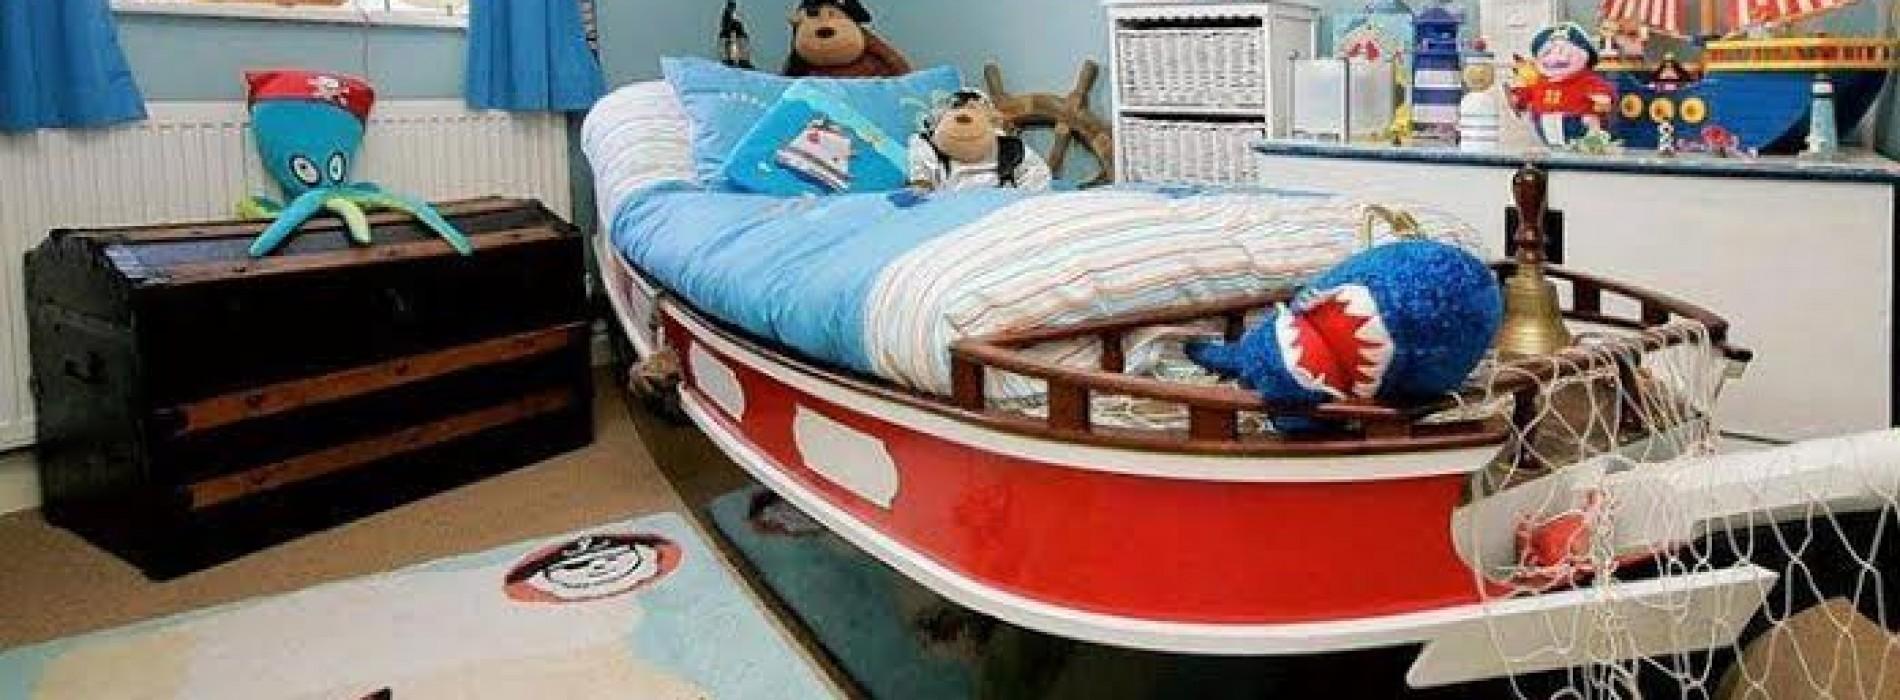 7大「有諗頭」兒童睡房